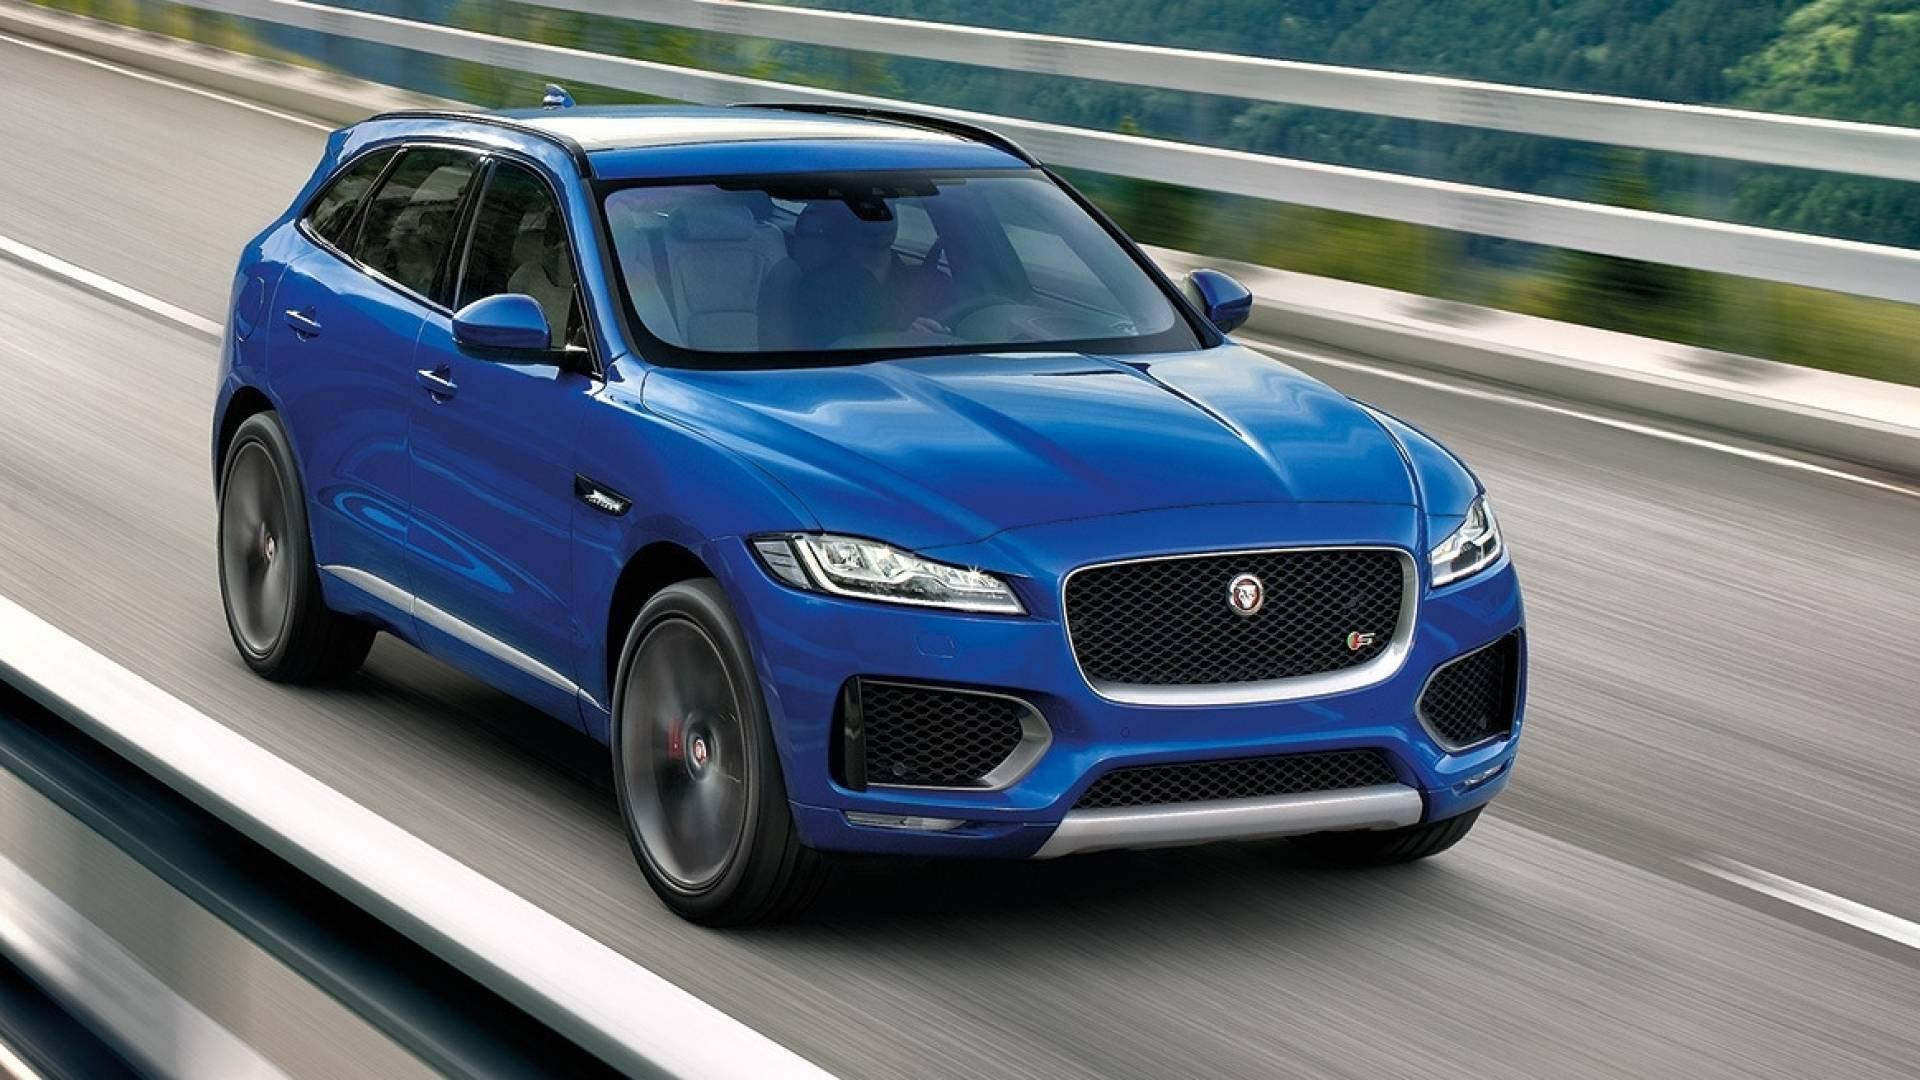 jaguar-f-pace-1000_1920x1600c